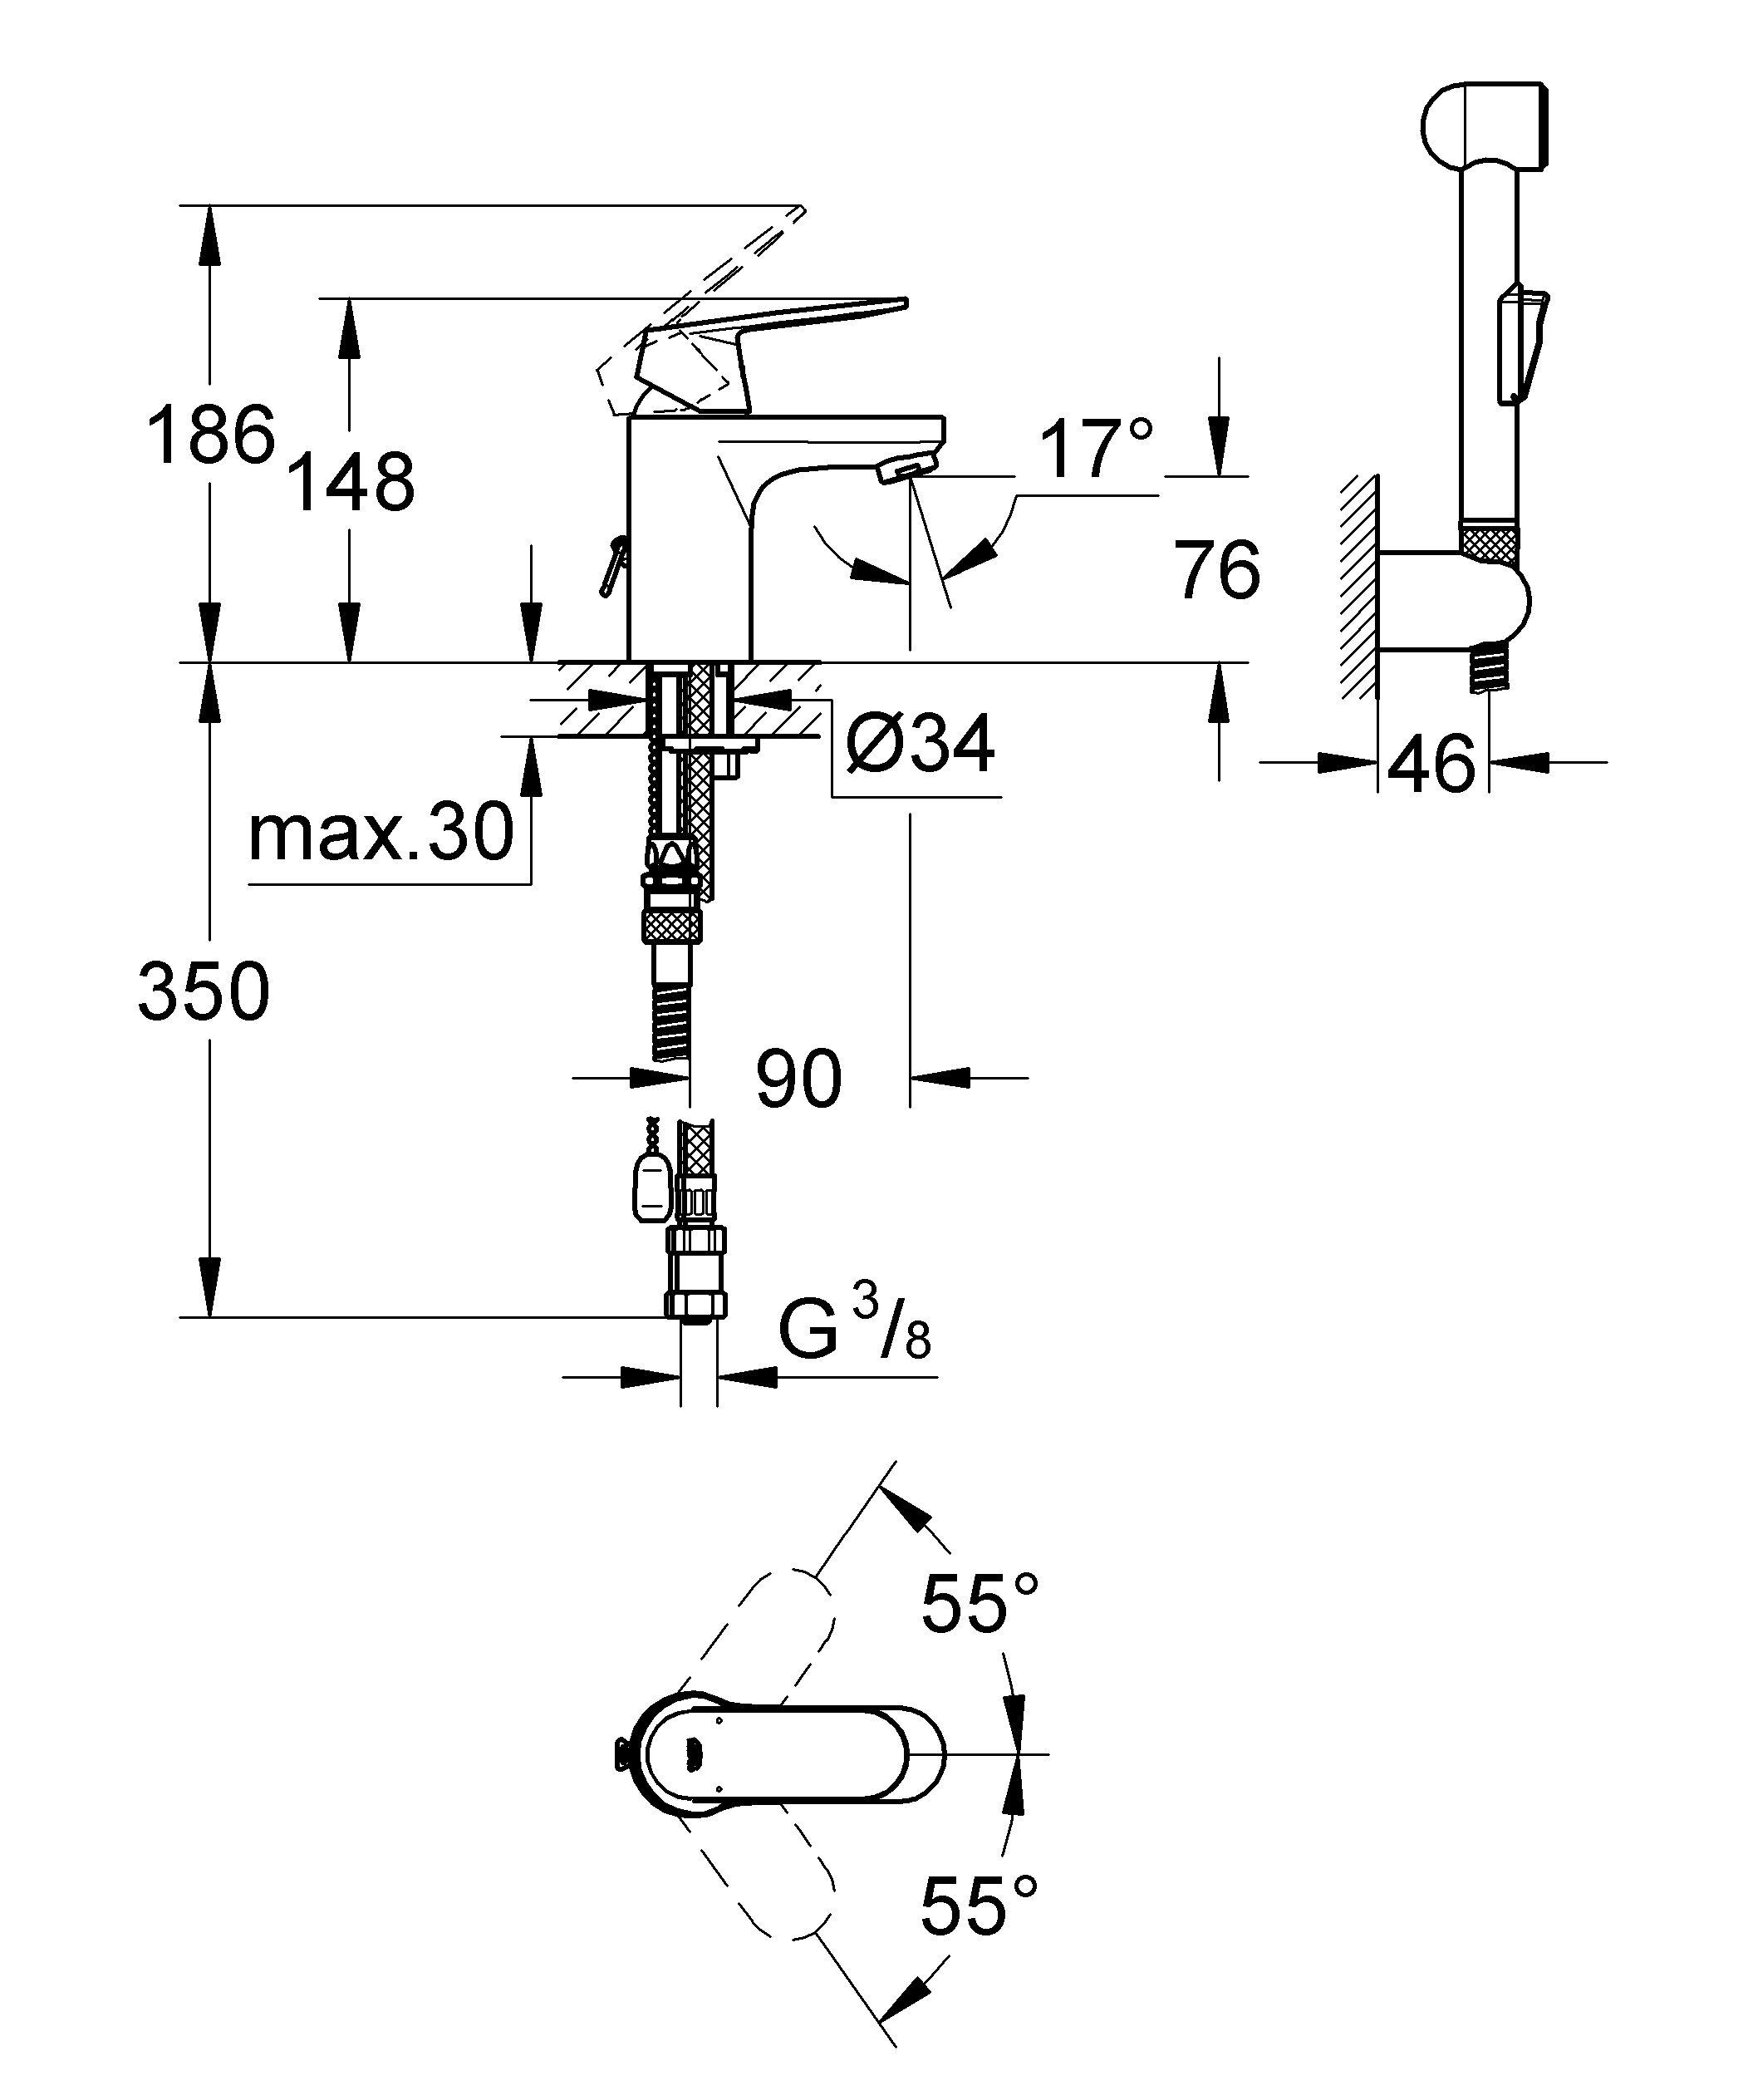 Монтаж на одно отверстие Металлический рычаг GROHE SilkMove керамический картридж 35 мм GROHE StarLight хромированная поверхность  Регулировка расхода воды Возможность установки мин. расхода 2,5 л/мин. Аэратор Цепочка Гибкая подводка Система быстрого монтажа Дополнительный ограничитель температуры С душевым набором, состоящим из: - душ со встроенным переключателем - настенный держатель душа - душевой шланг